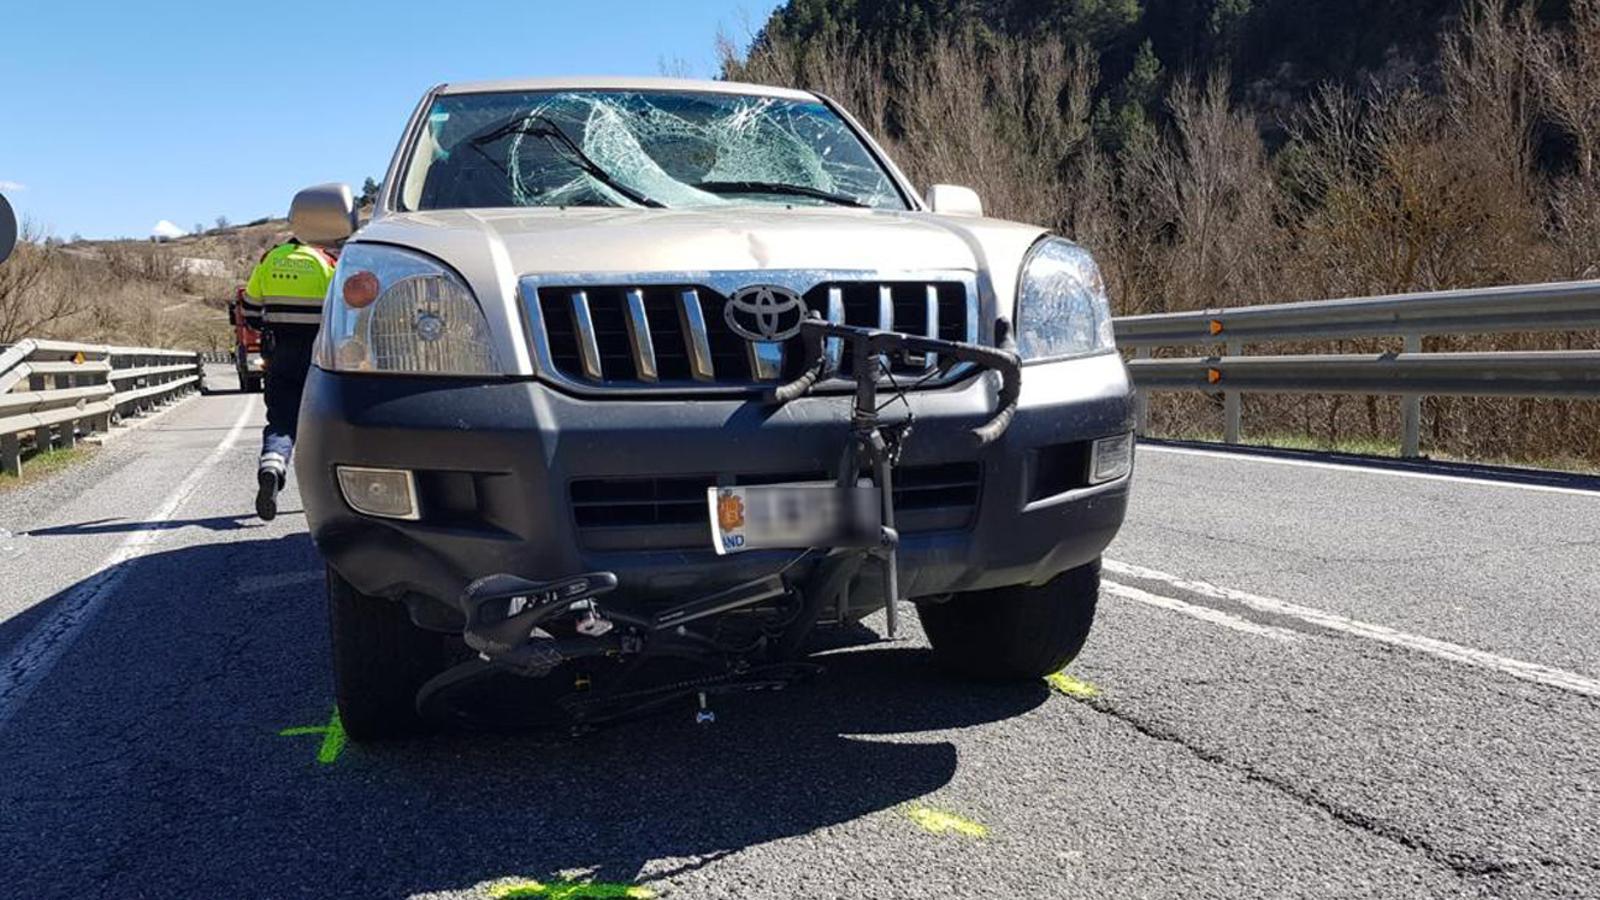 Estat en el que ha quedat el vehicle després que el conductor atropellés un ciclista. / ANA